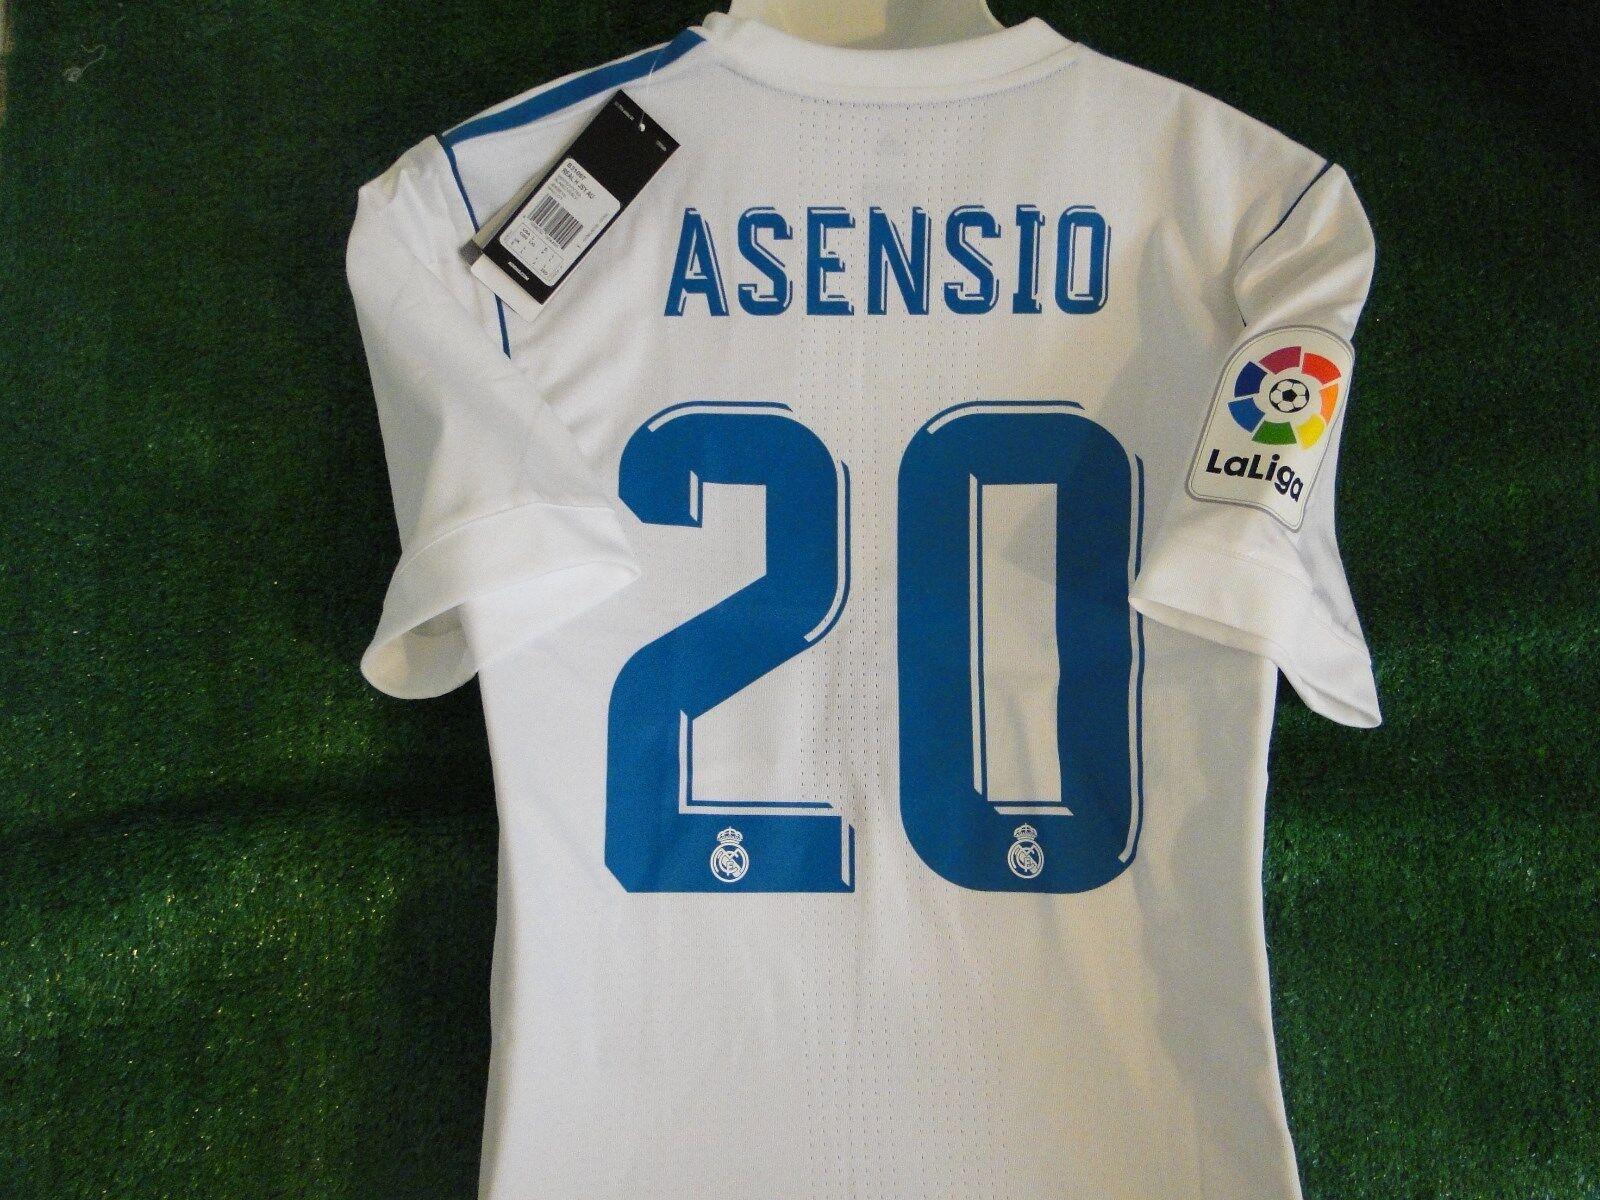 Asensio  Real Madrid  Partido adiZero Camiseta  2017-18 BNWT grandes  minoristas en línea